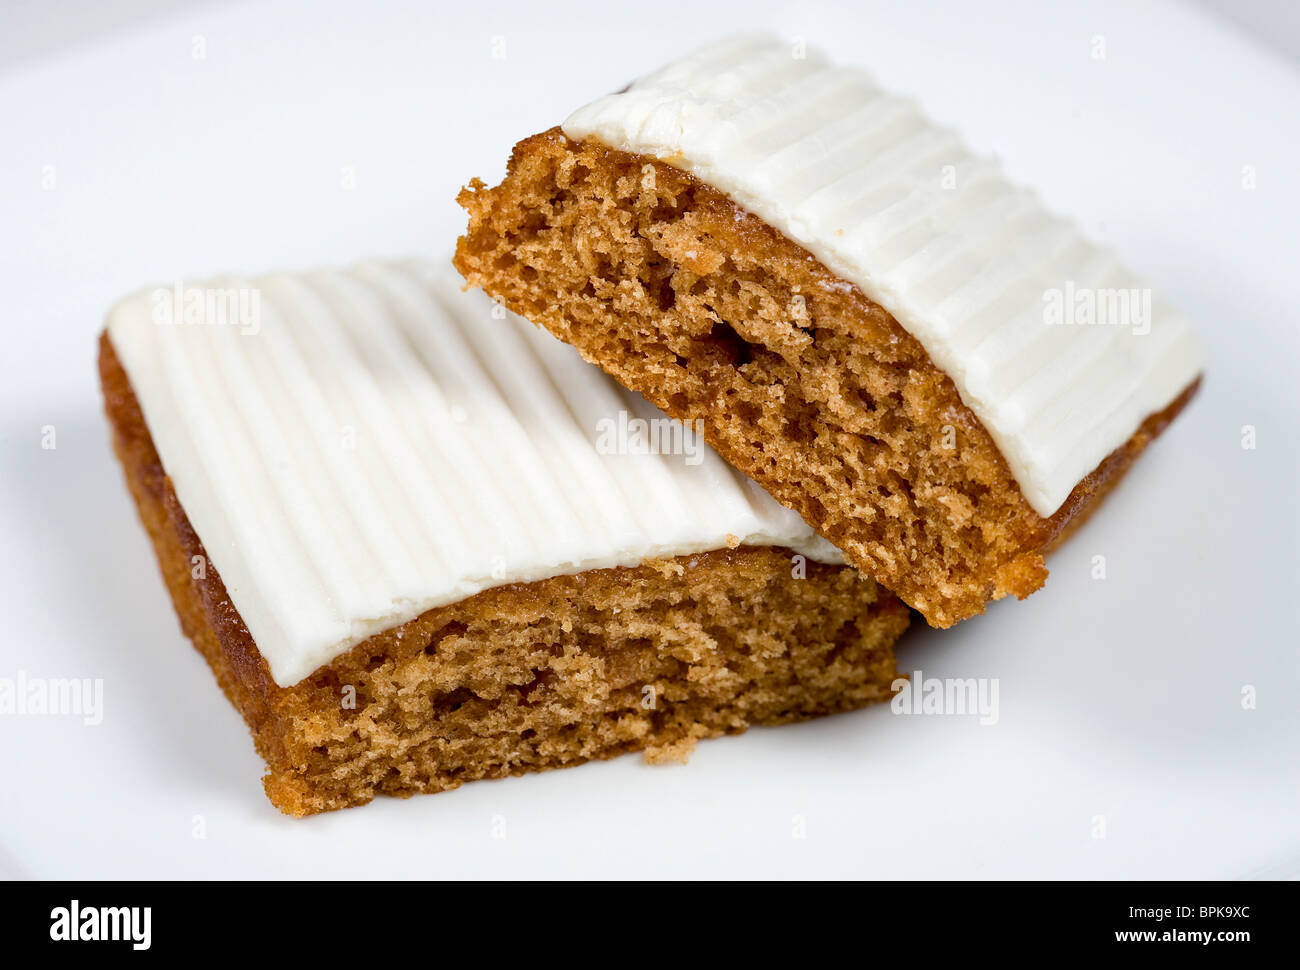 Mrs. Freshly's Carrot Cake. - Stock Image